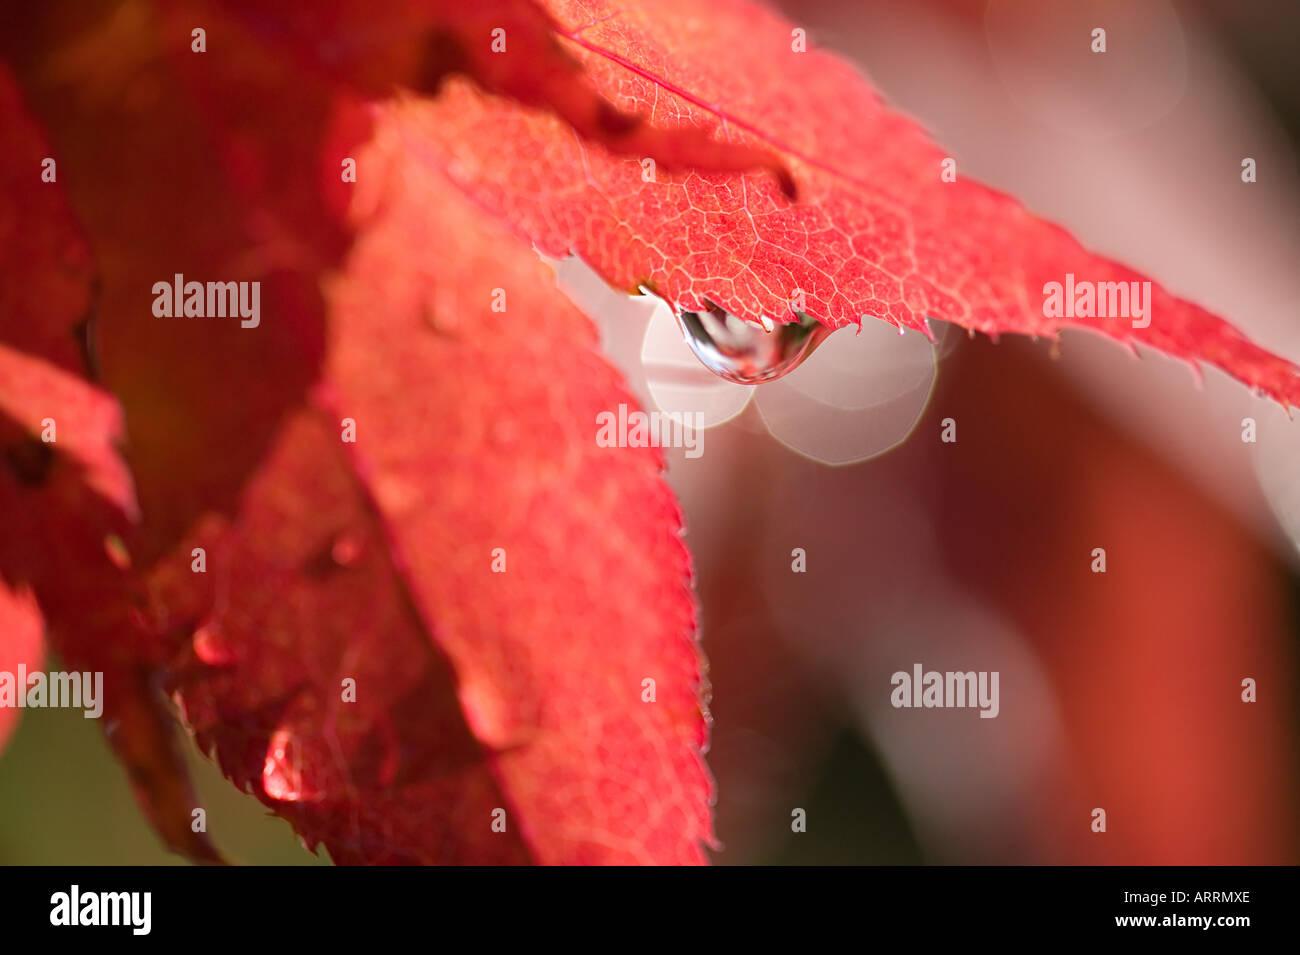 Les gouttelettes d'eau sur une feuille d'érable Photo Stock